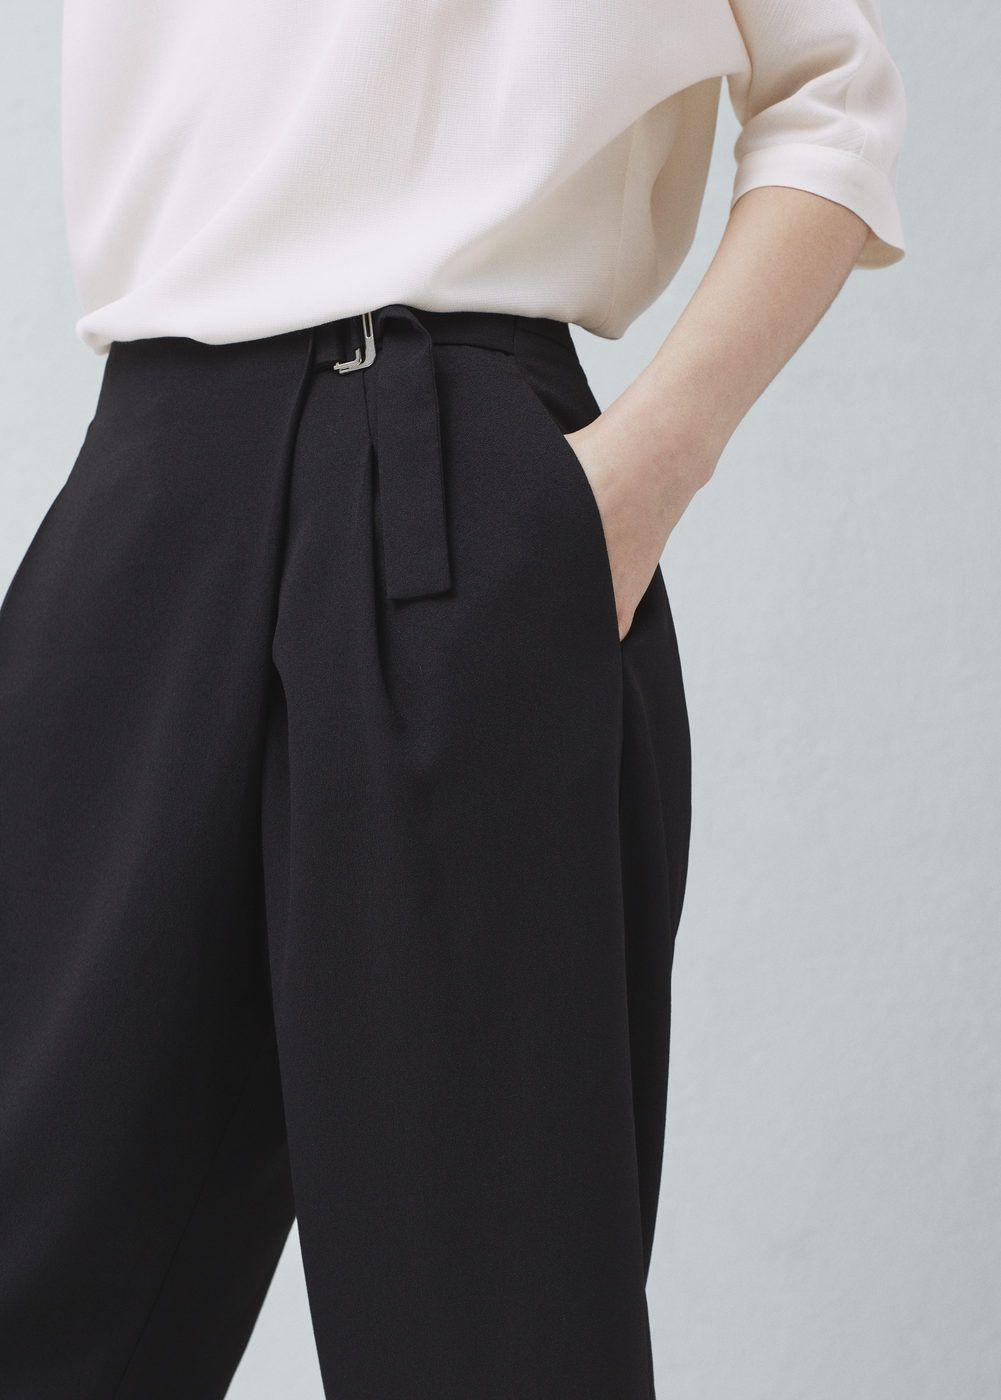 Pantalon Traje Hebilla Mujer Mango Islas Canarias Pantalon De Vestir Dama Pantalones De Vestir Trajes De Pantalon